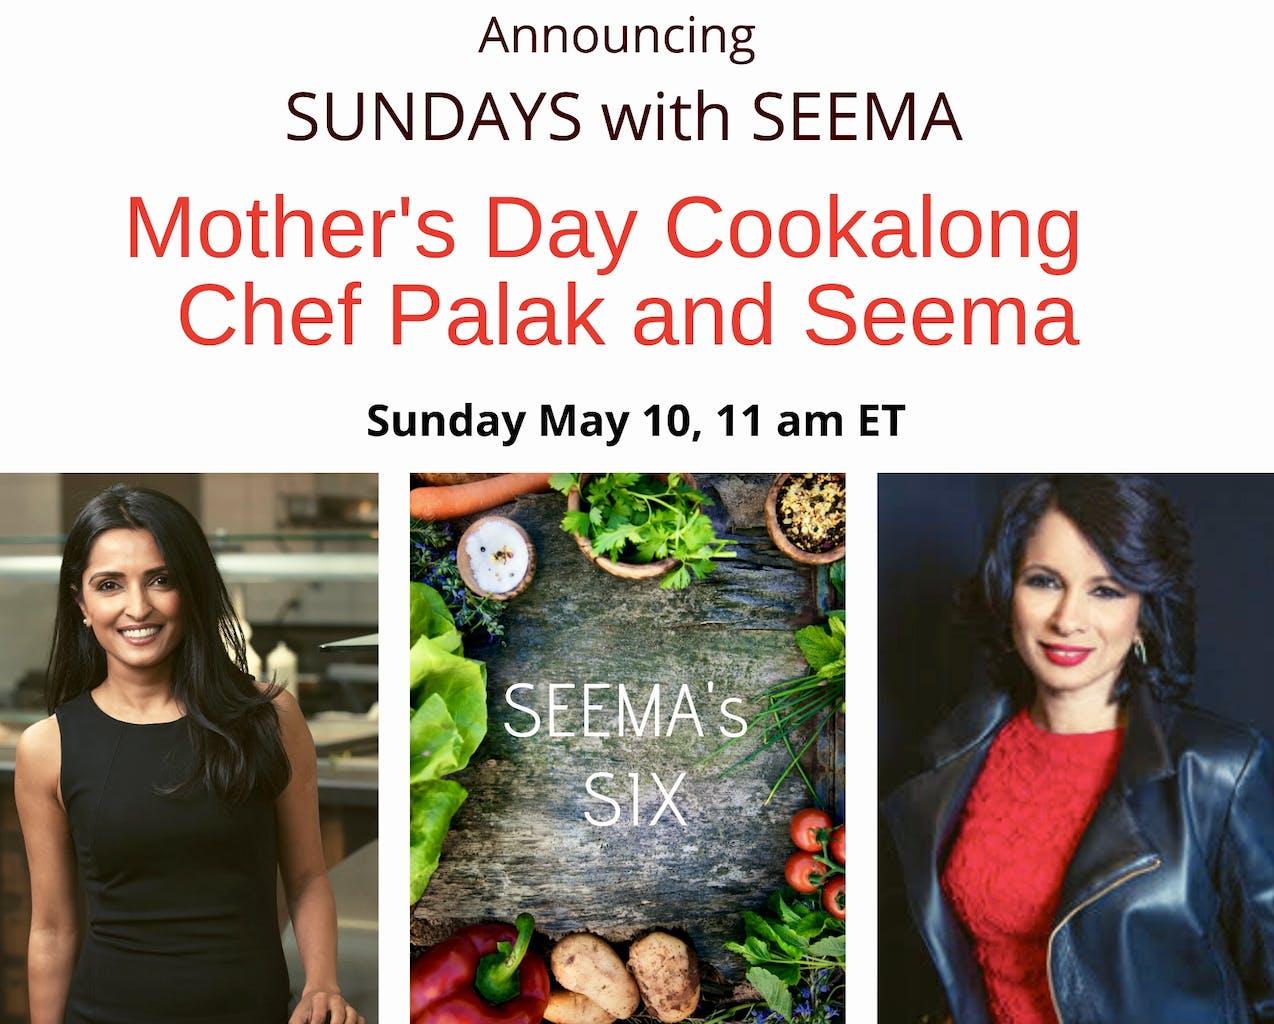 seema.com, seema Sunday, seema network, seema newsletter, sundays with seema, chef palak Patel, palak, palak Patel, mother's day, Mother's Day brunch, Mother's Day brunch cookout, extra-special mother's day, six special ingredients to cook a special Mother's Day, Mother's Day during COVID-19, virtual Mother's Day, seema events, seema events 2020